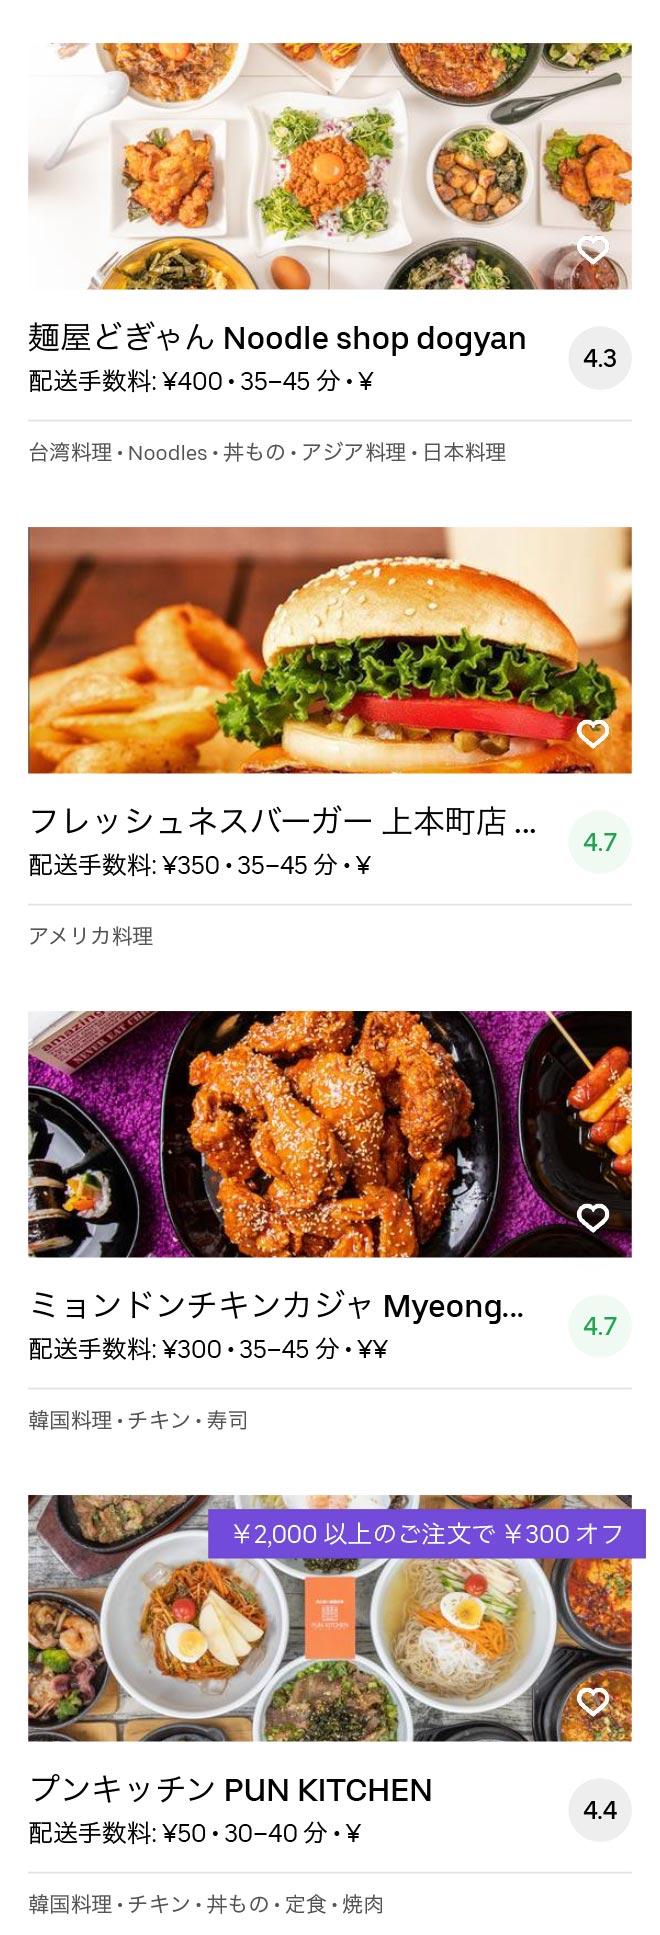 Higashi osaka fuse menu 2005 10